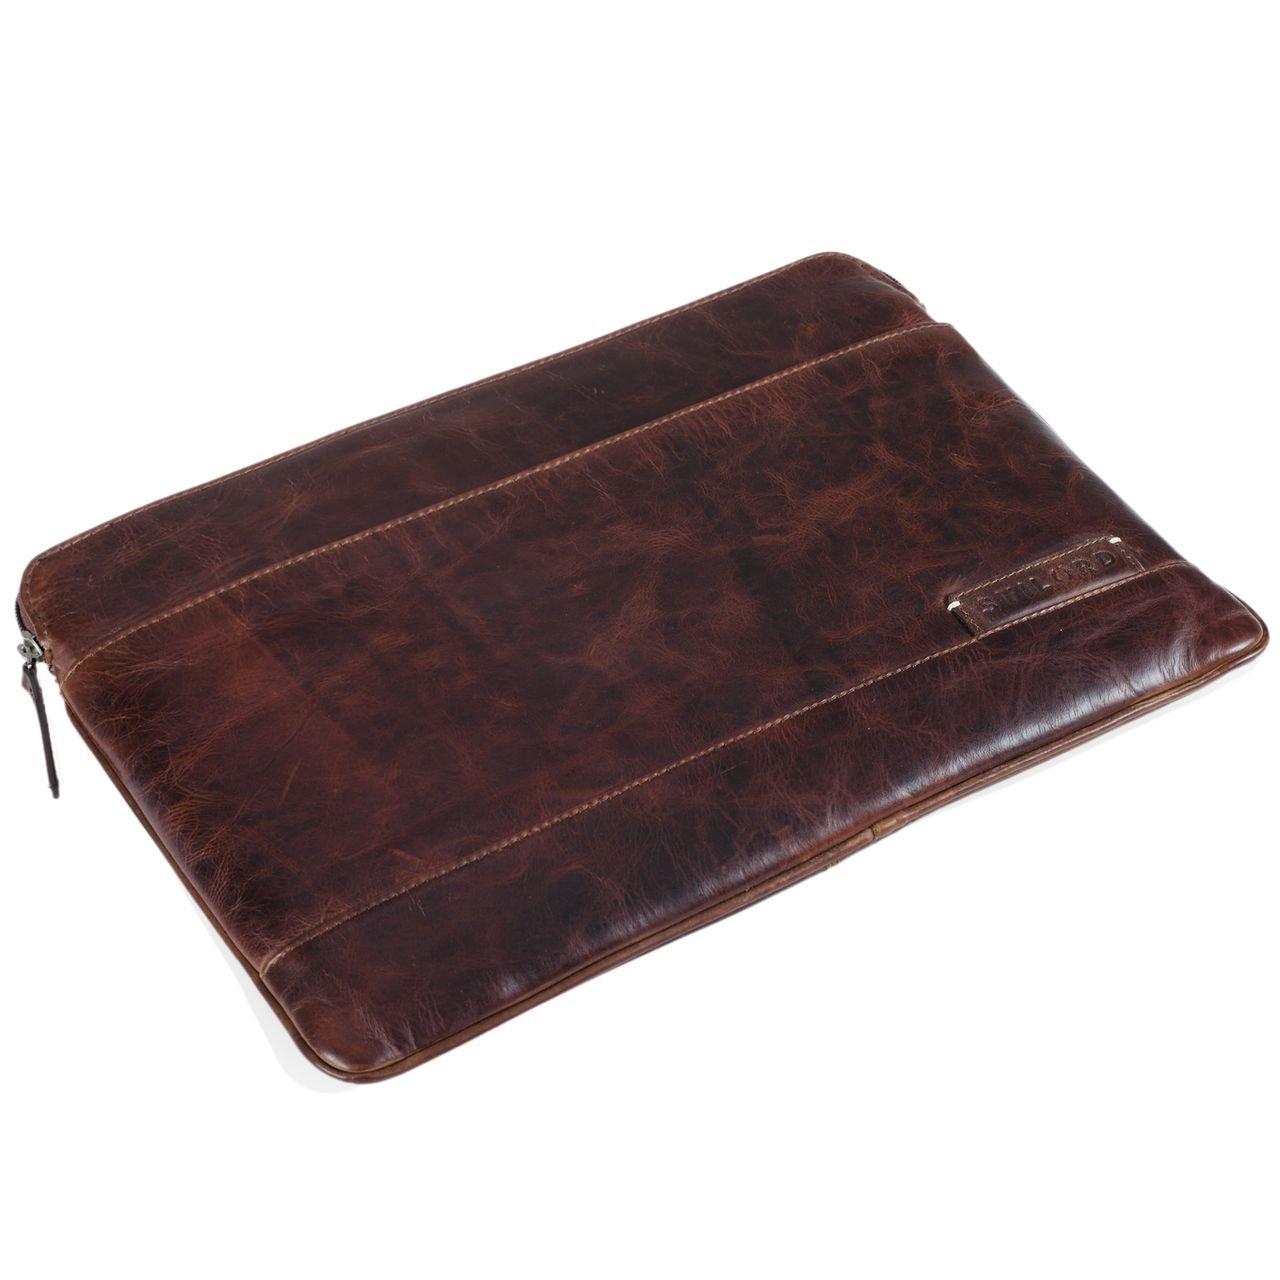 STILORD Robb Funda de Piel Estilo Vintage para Tablet o MacBook de 14 y portátil de 13,3 Portafolio Bolso o Bolsa Protectora de auténtico Cuero, ...